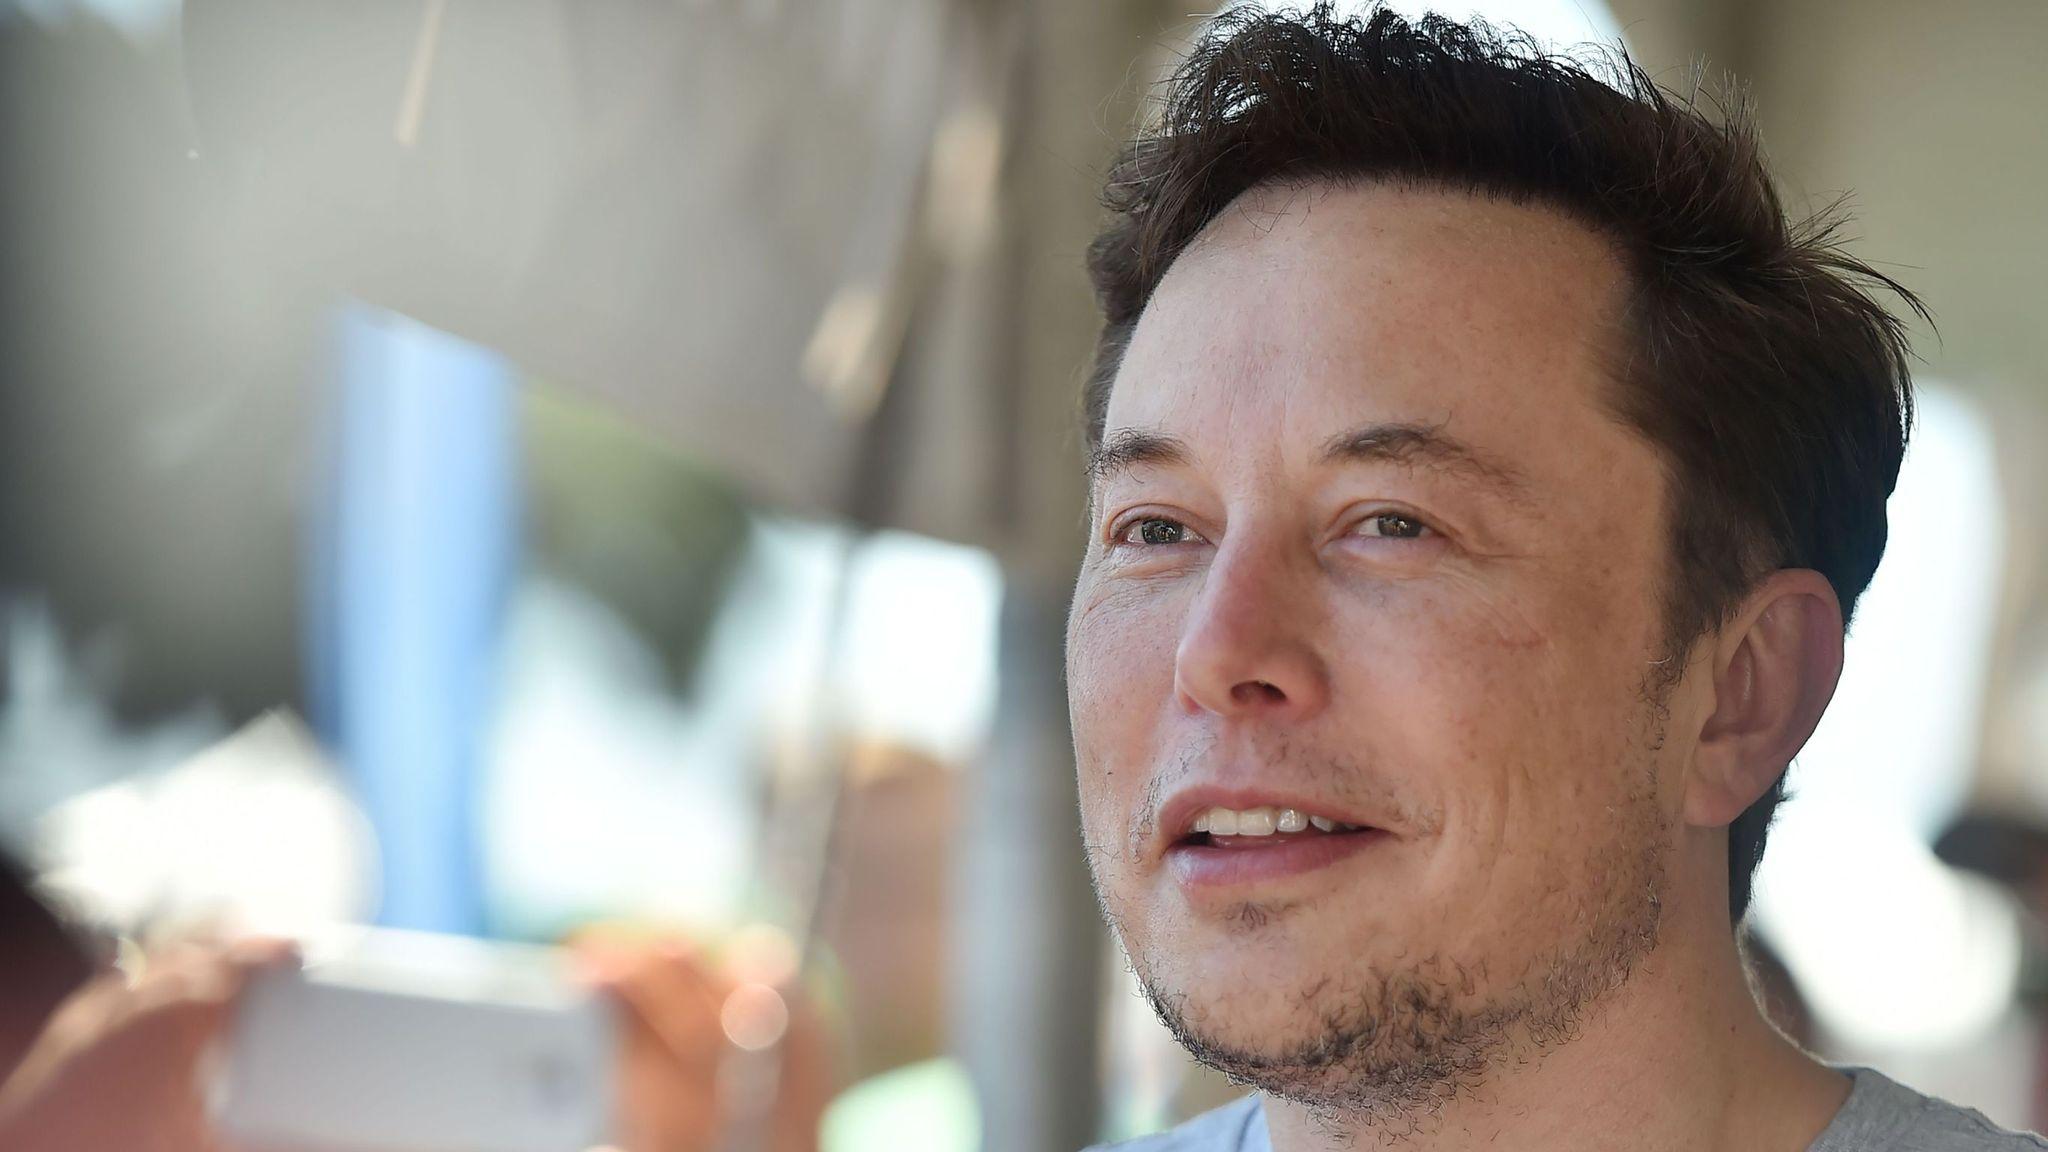 Elon Musk mocks US financial watchdog after settlement